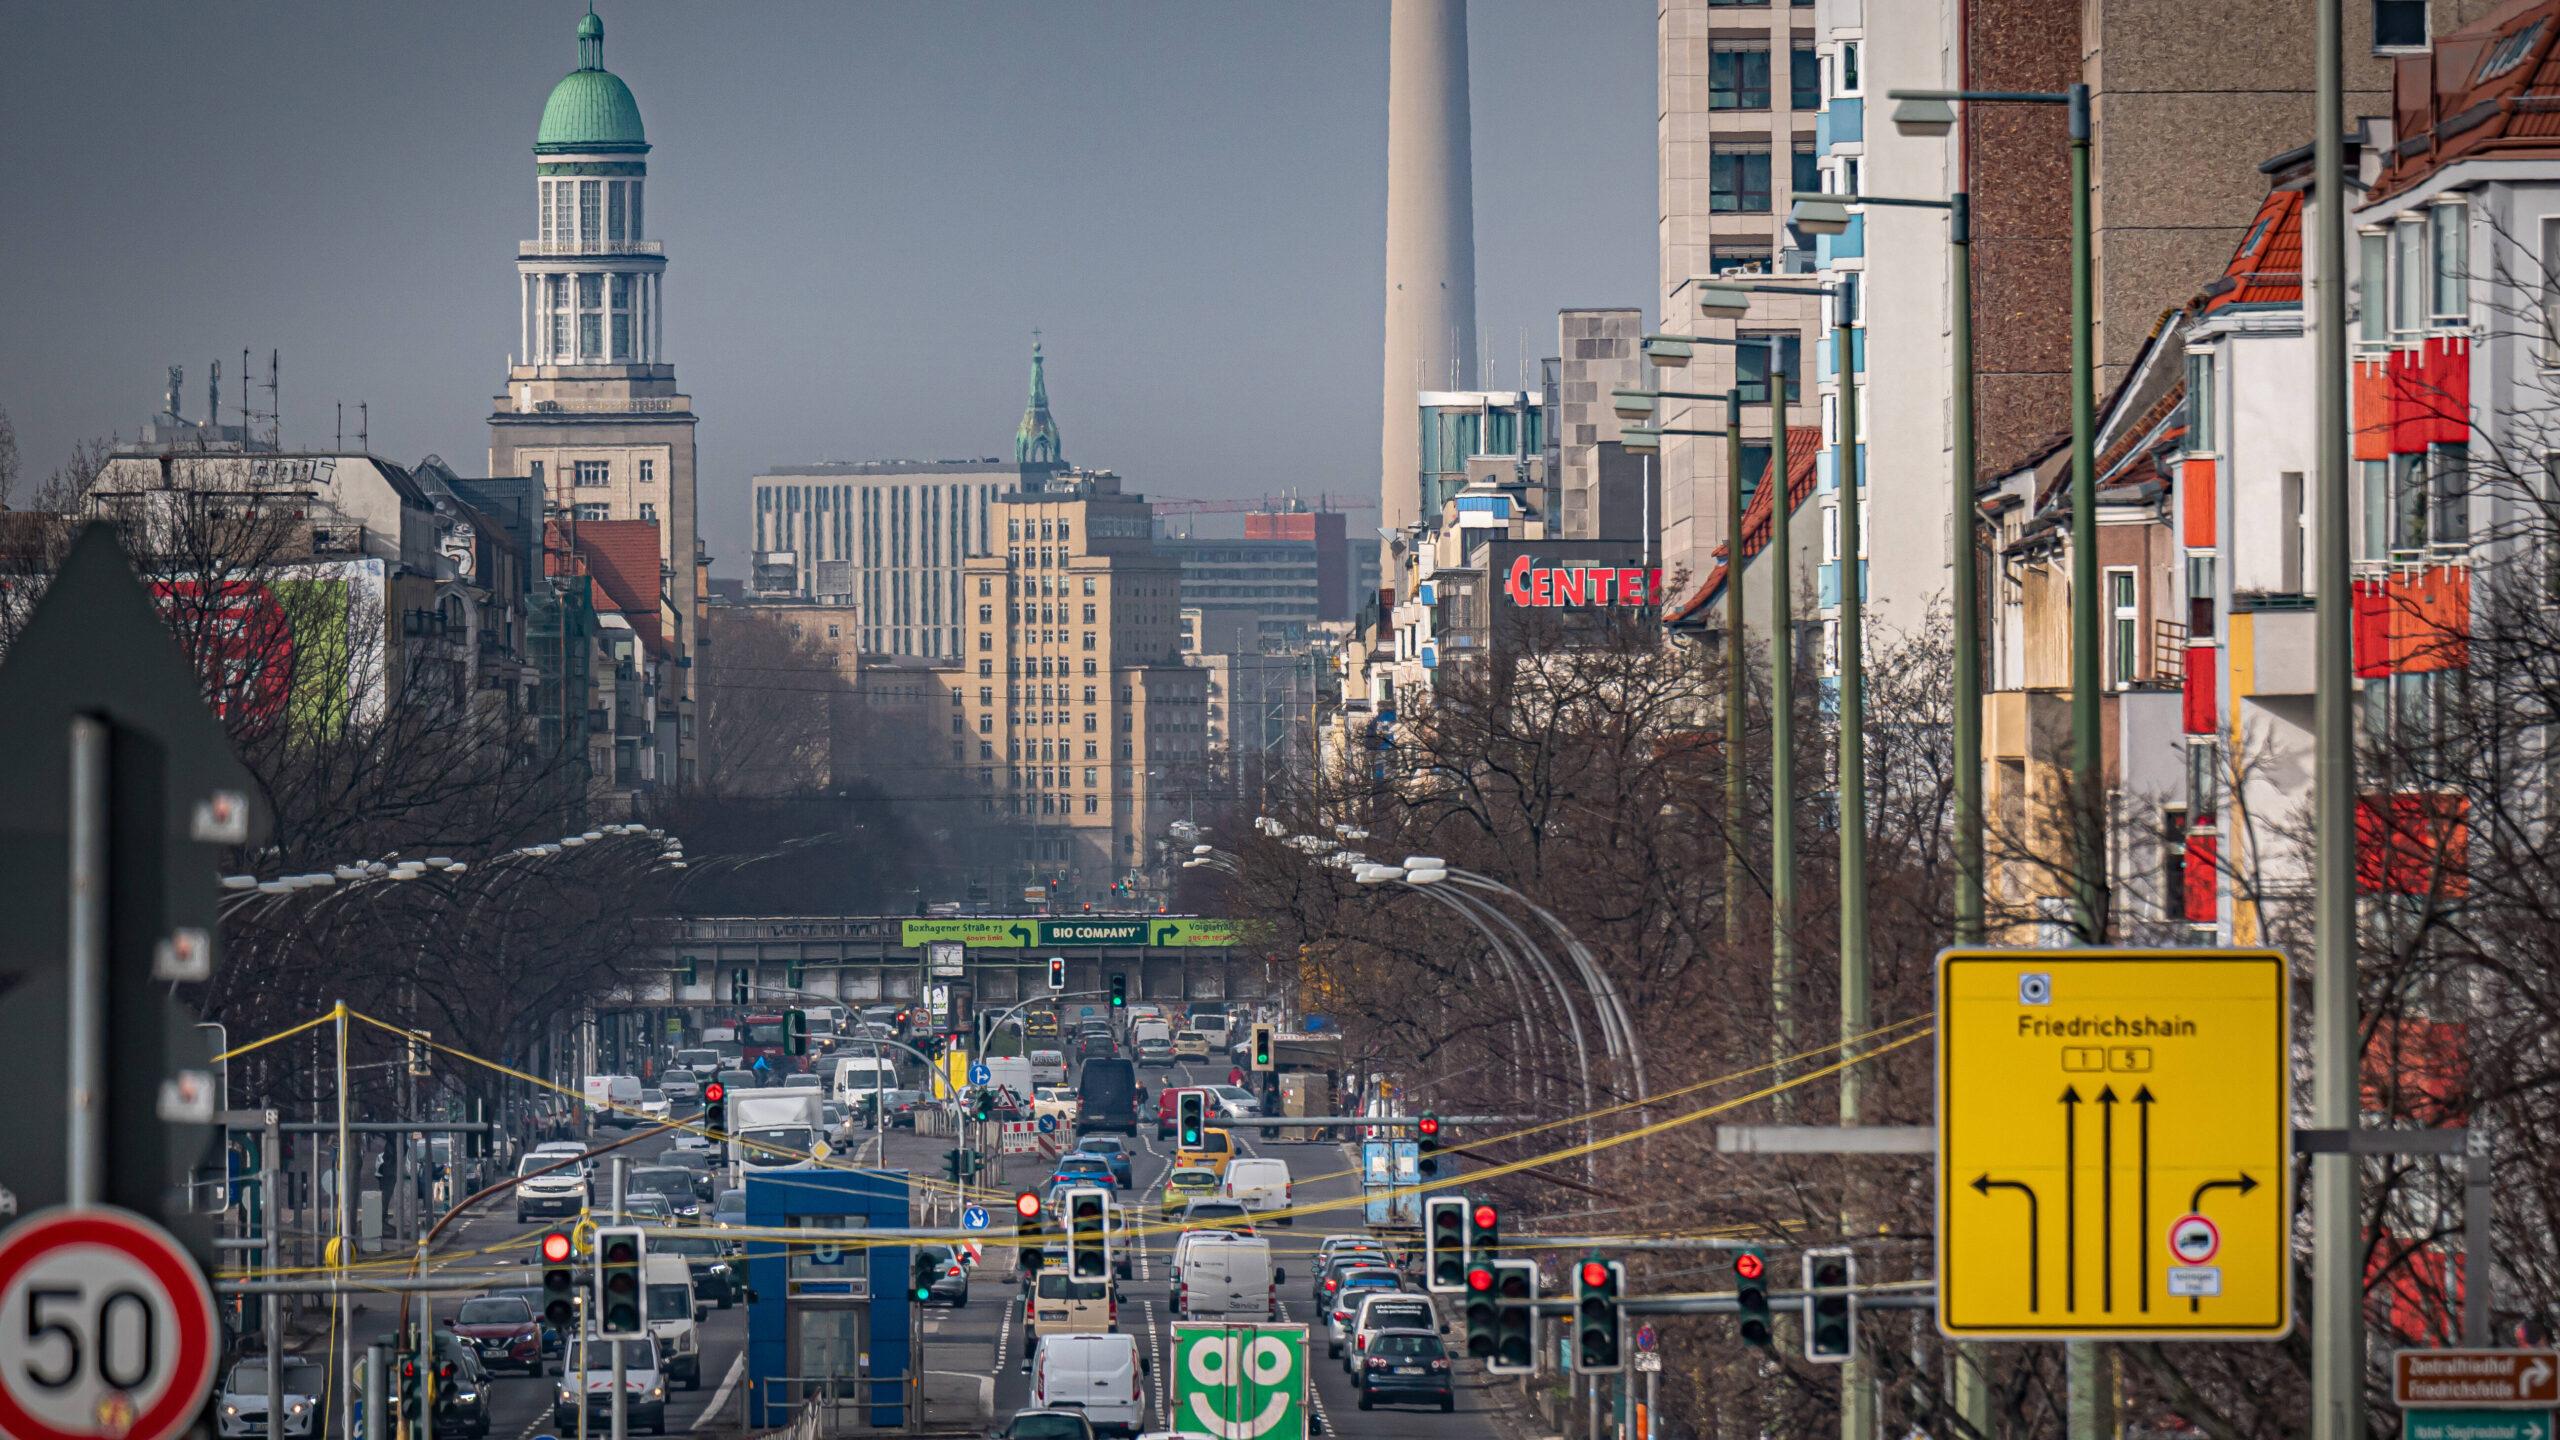 Berlin: In der Südlichen Friedrichstadt und der Frankfurter Allee Nord wird länger saniert